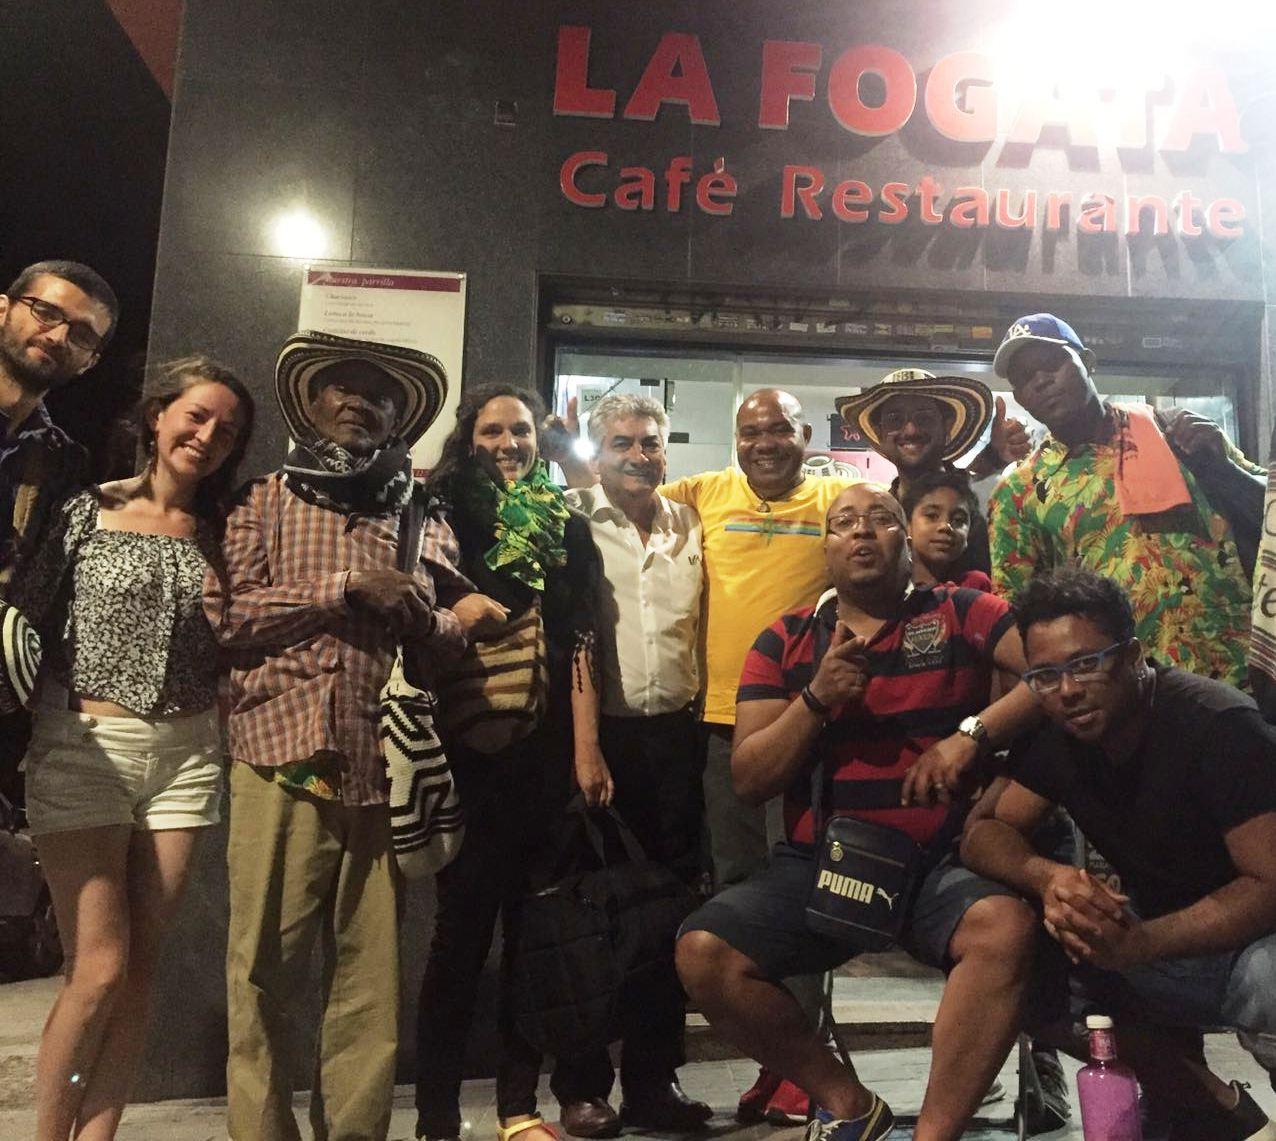 Colombianos en espa a semana de representaci n colombiana - Restaurante colombianos en madrid ...